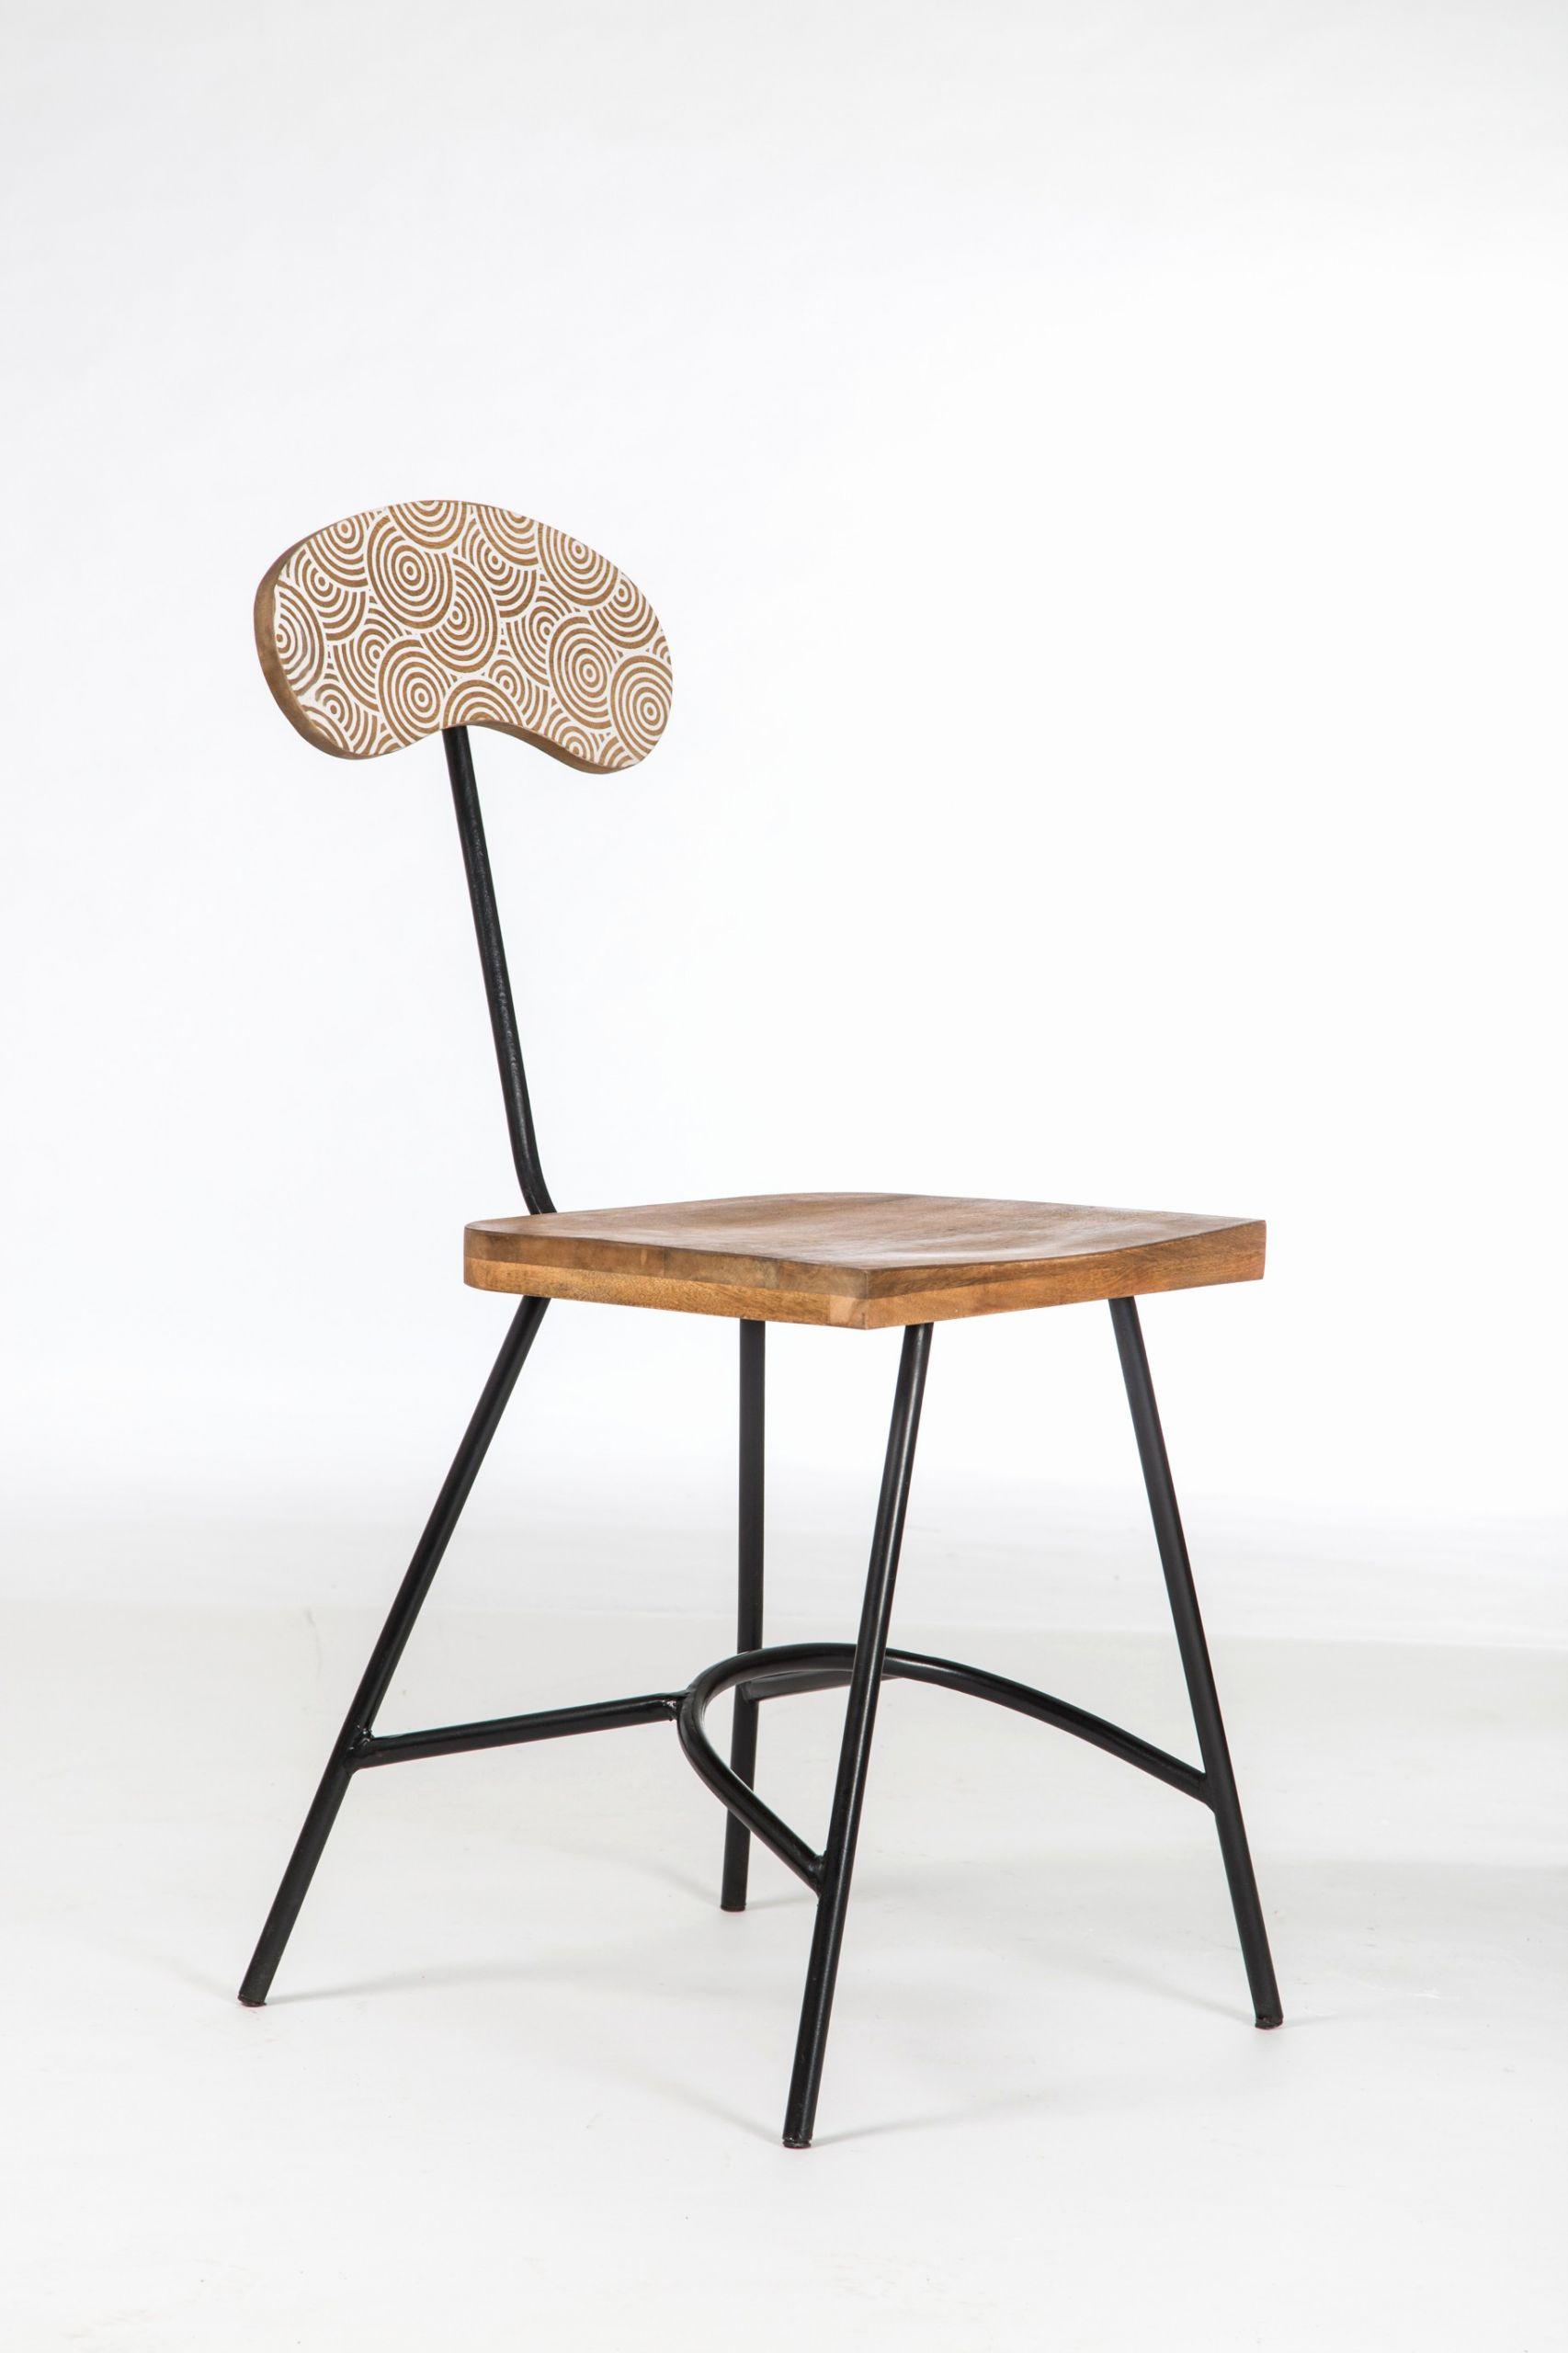 chaise et table de jardin unique meuble bois et fer table de jardin rectangulaire chaise fer de chaise et table de jardin scaled